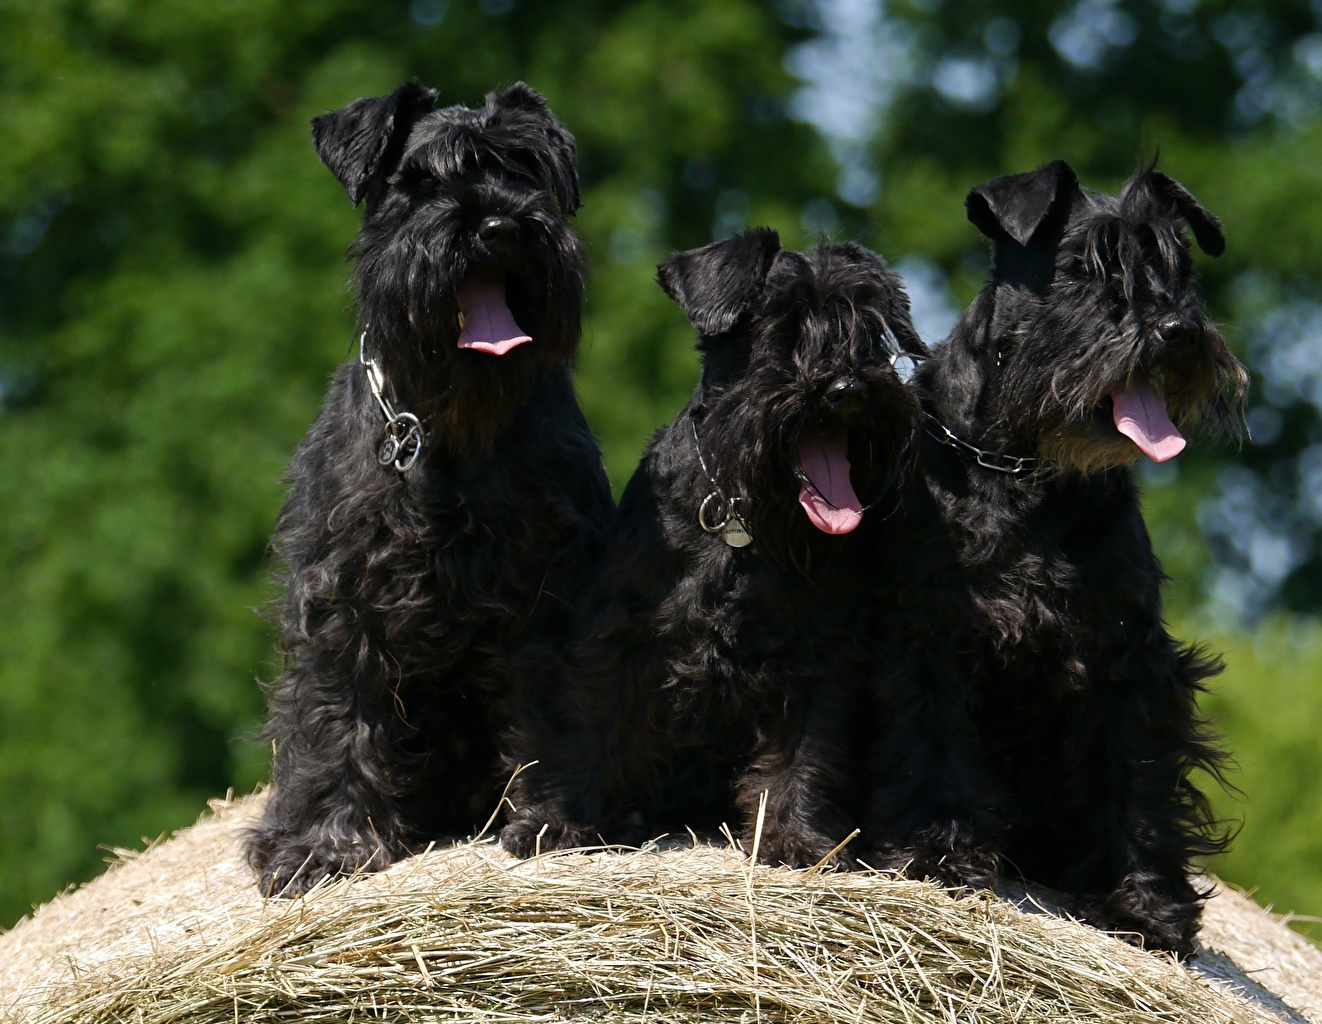 Фотография Шнауцер Собаки Черный Язык (анатомия) Солома втроем Животные Трое 3